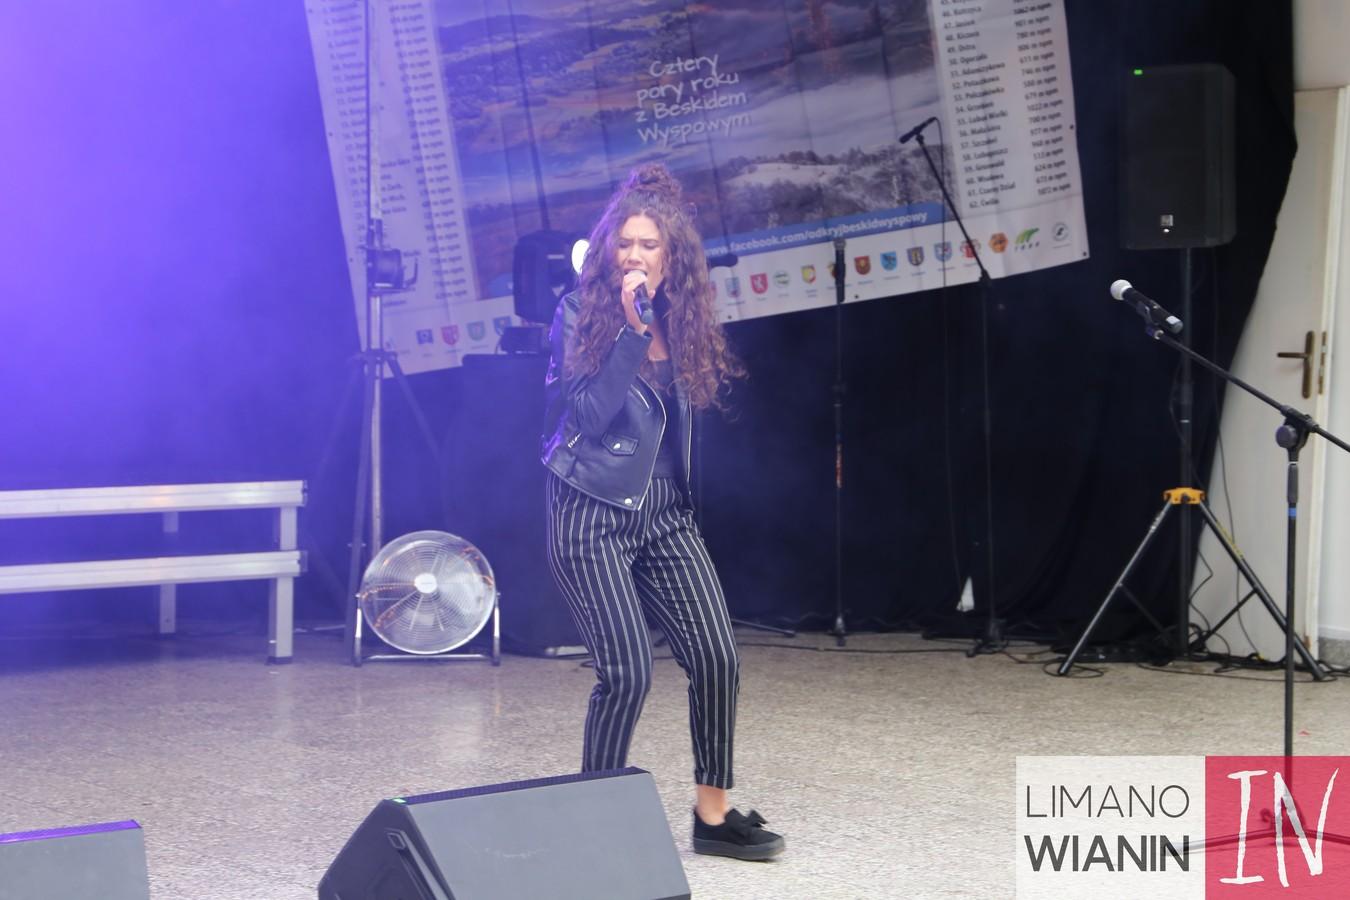 festiwal-beskidzkie-rytmy-i-smaki116-1.jpg